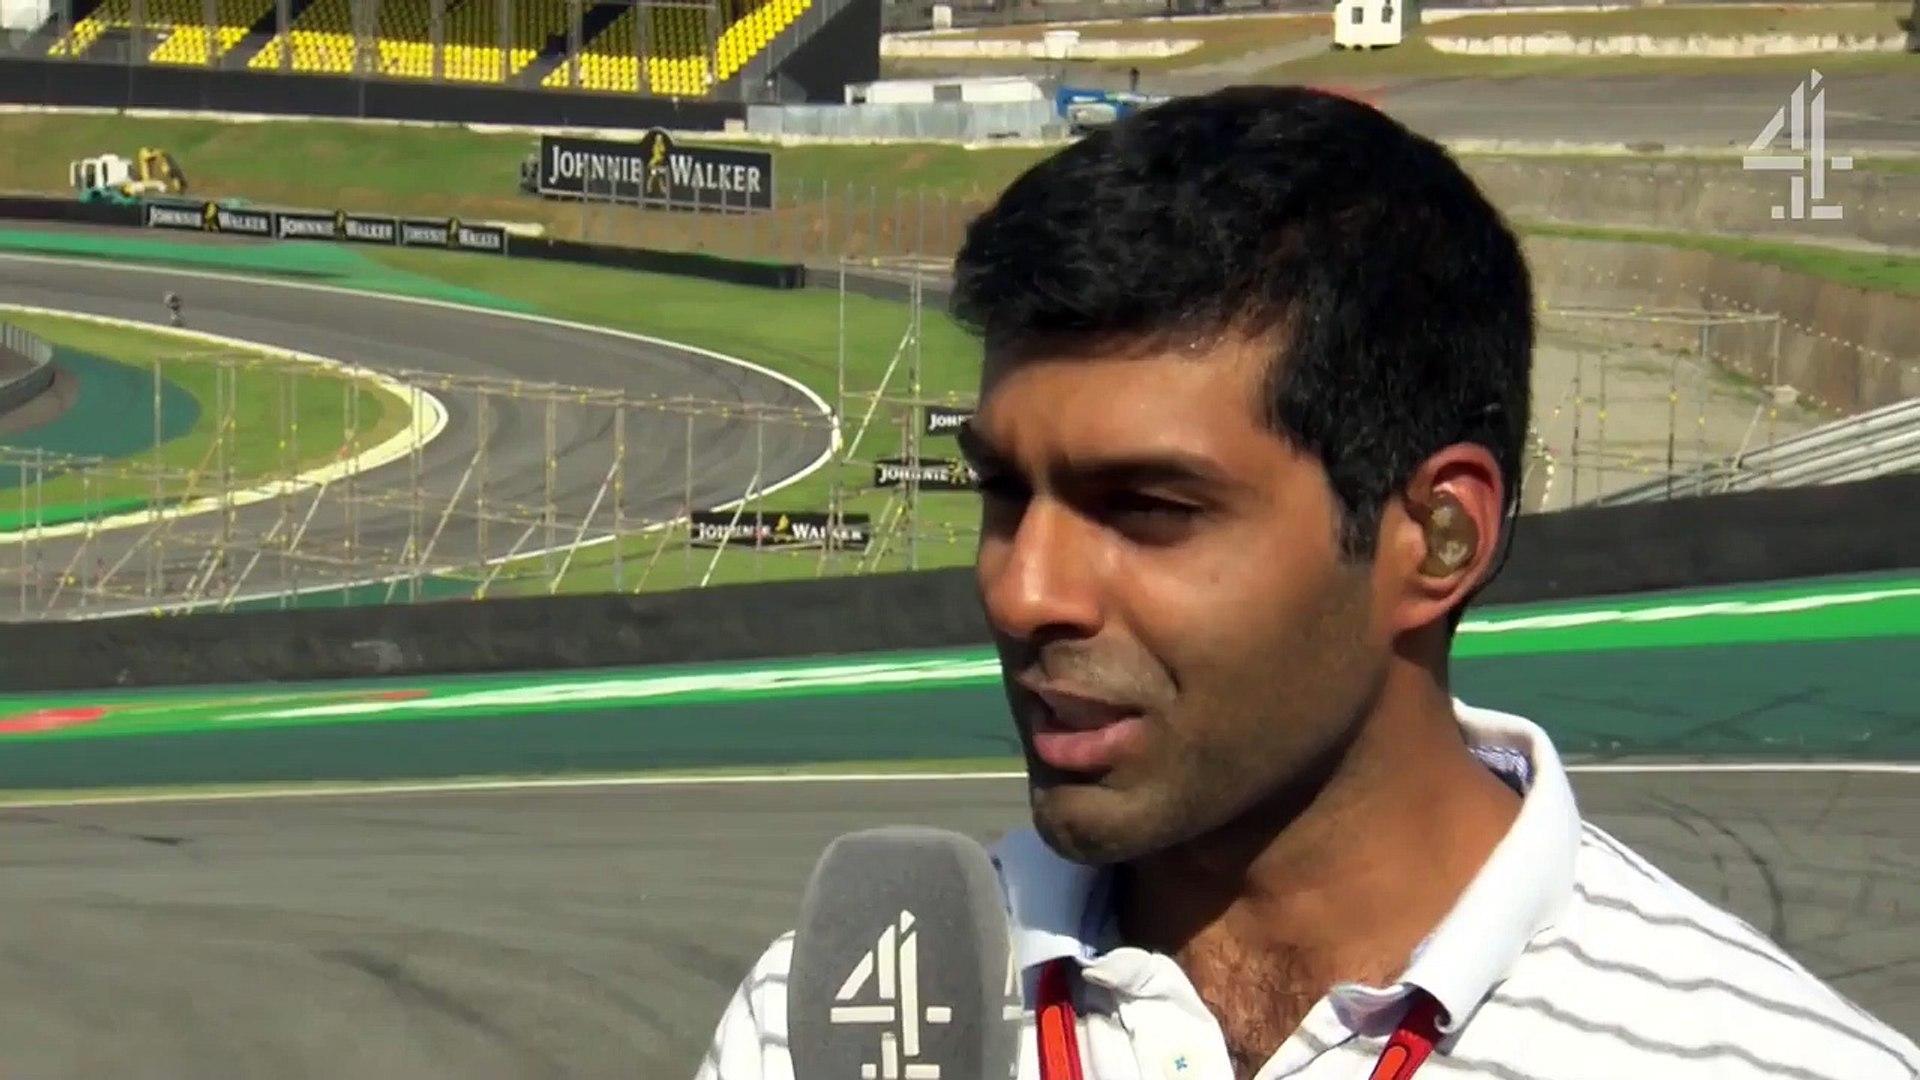 C4F1: What will happen at the Brazilian GP? (Brazilian Grand Prix)